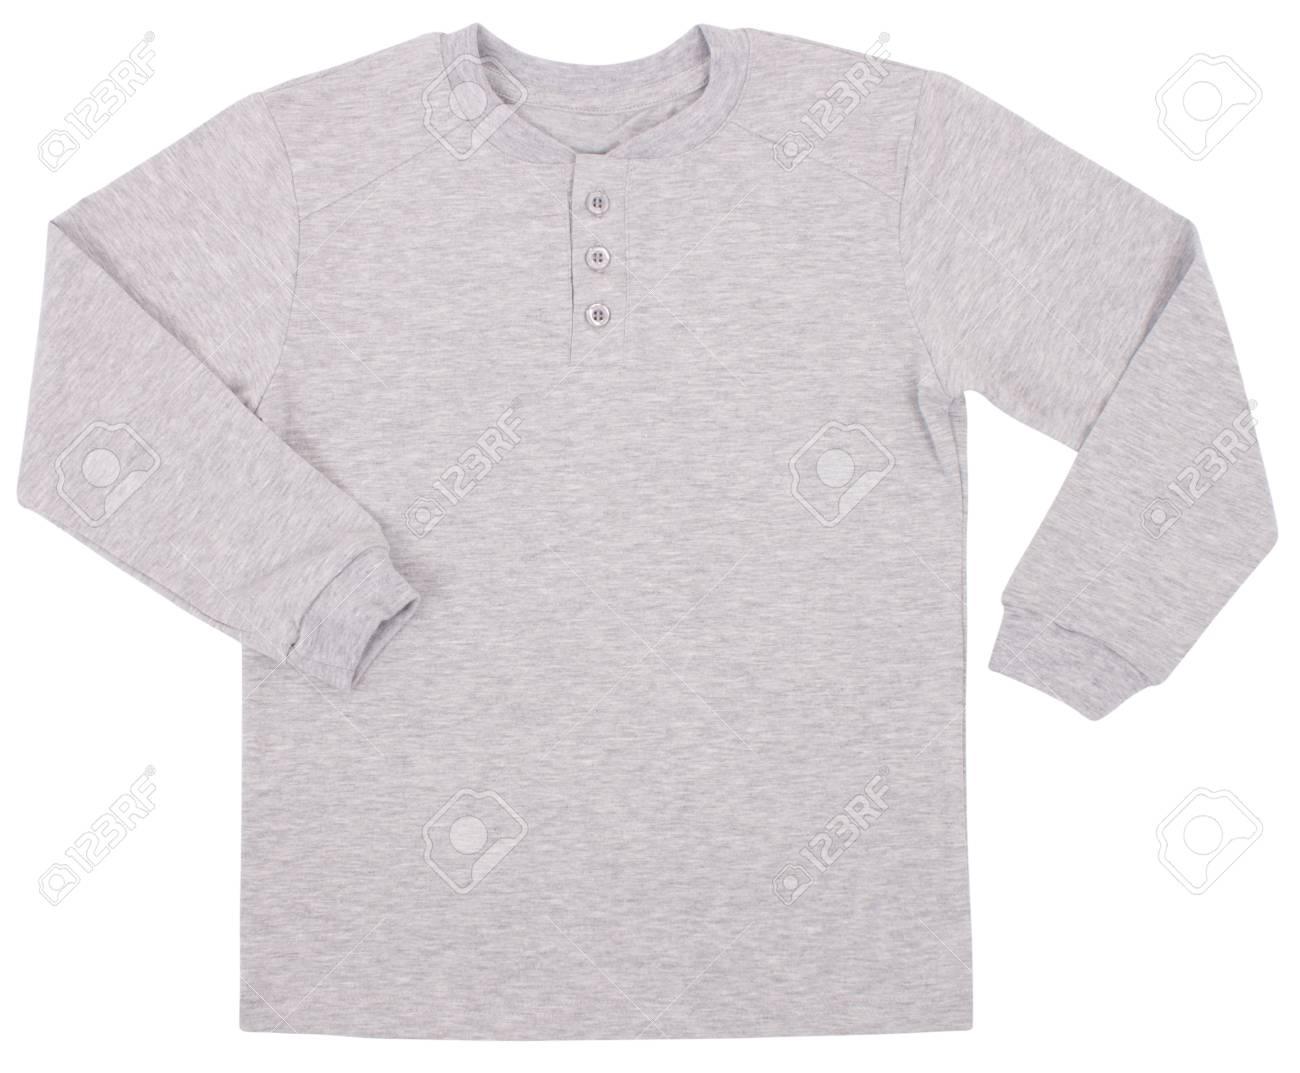 Het Overhemd.Het Overhemd Van Mensen Dat Op Een Witte Achtergrond Wordt